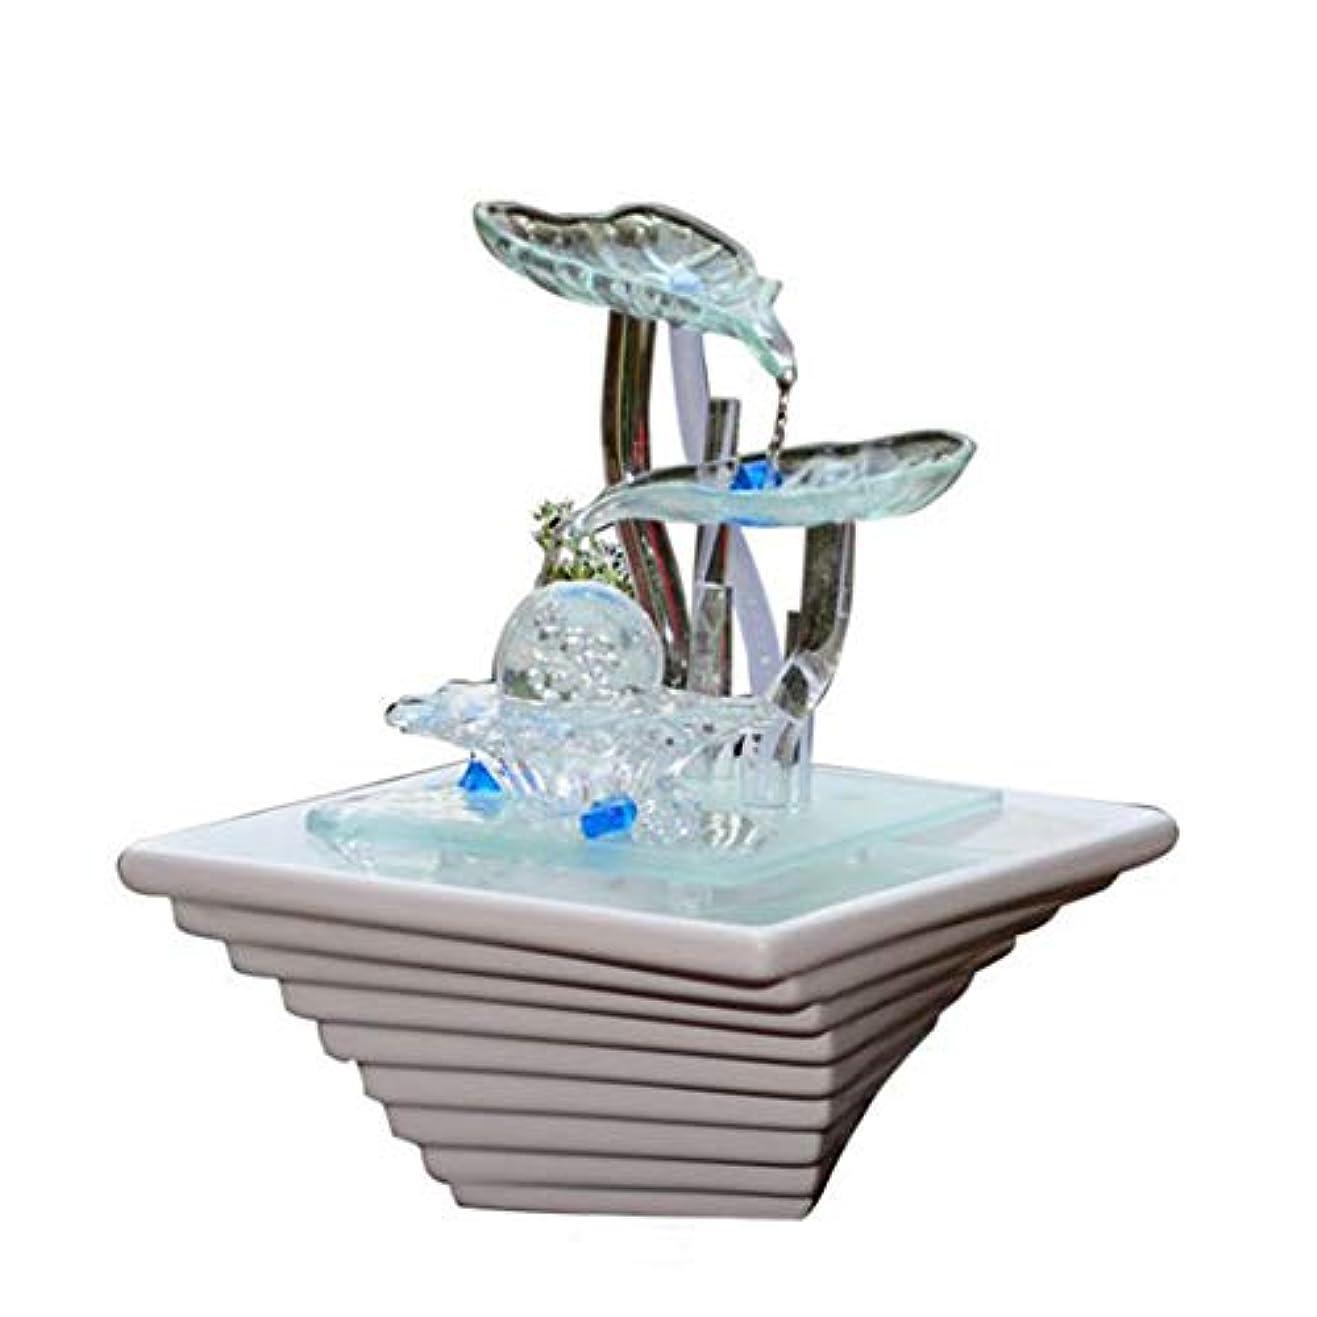 一時解雇するギャンブル中傷加湿器ホームデスクトップの装飾セラミックガラス工芸品の装飾品噴水装飾品バレンタインデー結婚式の誕生日パーフェクトギフト